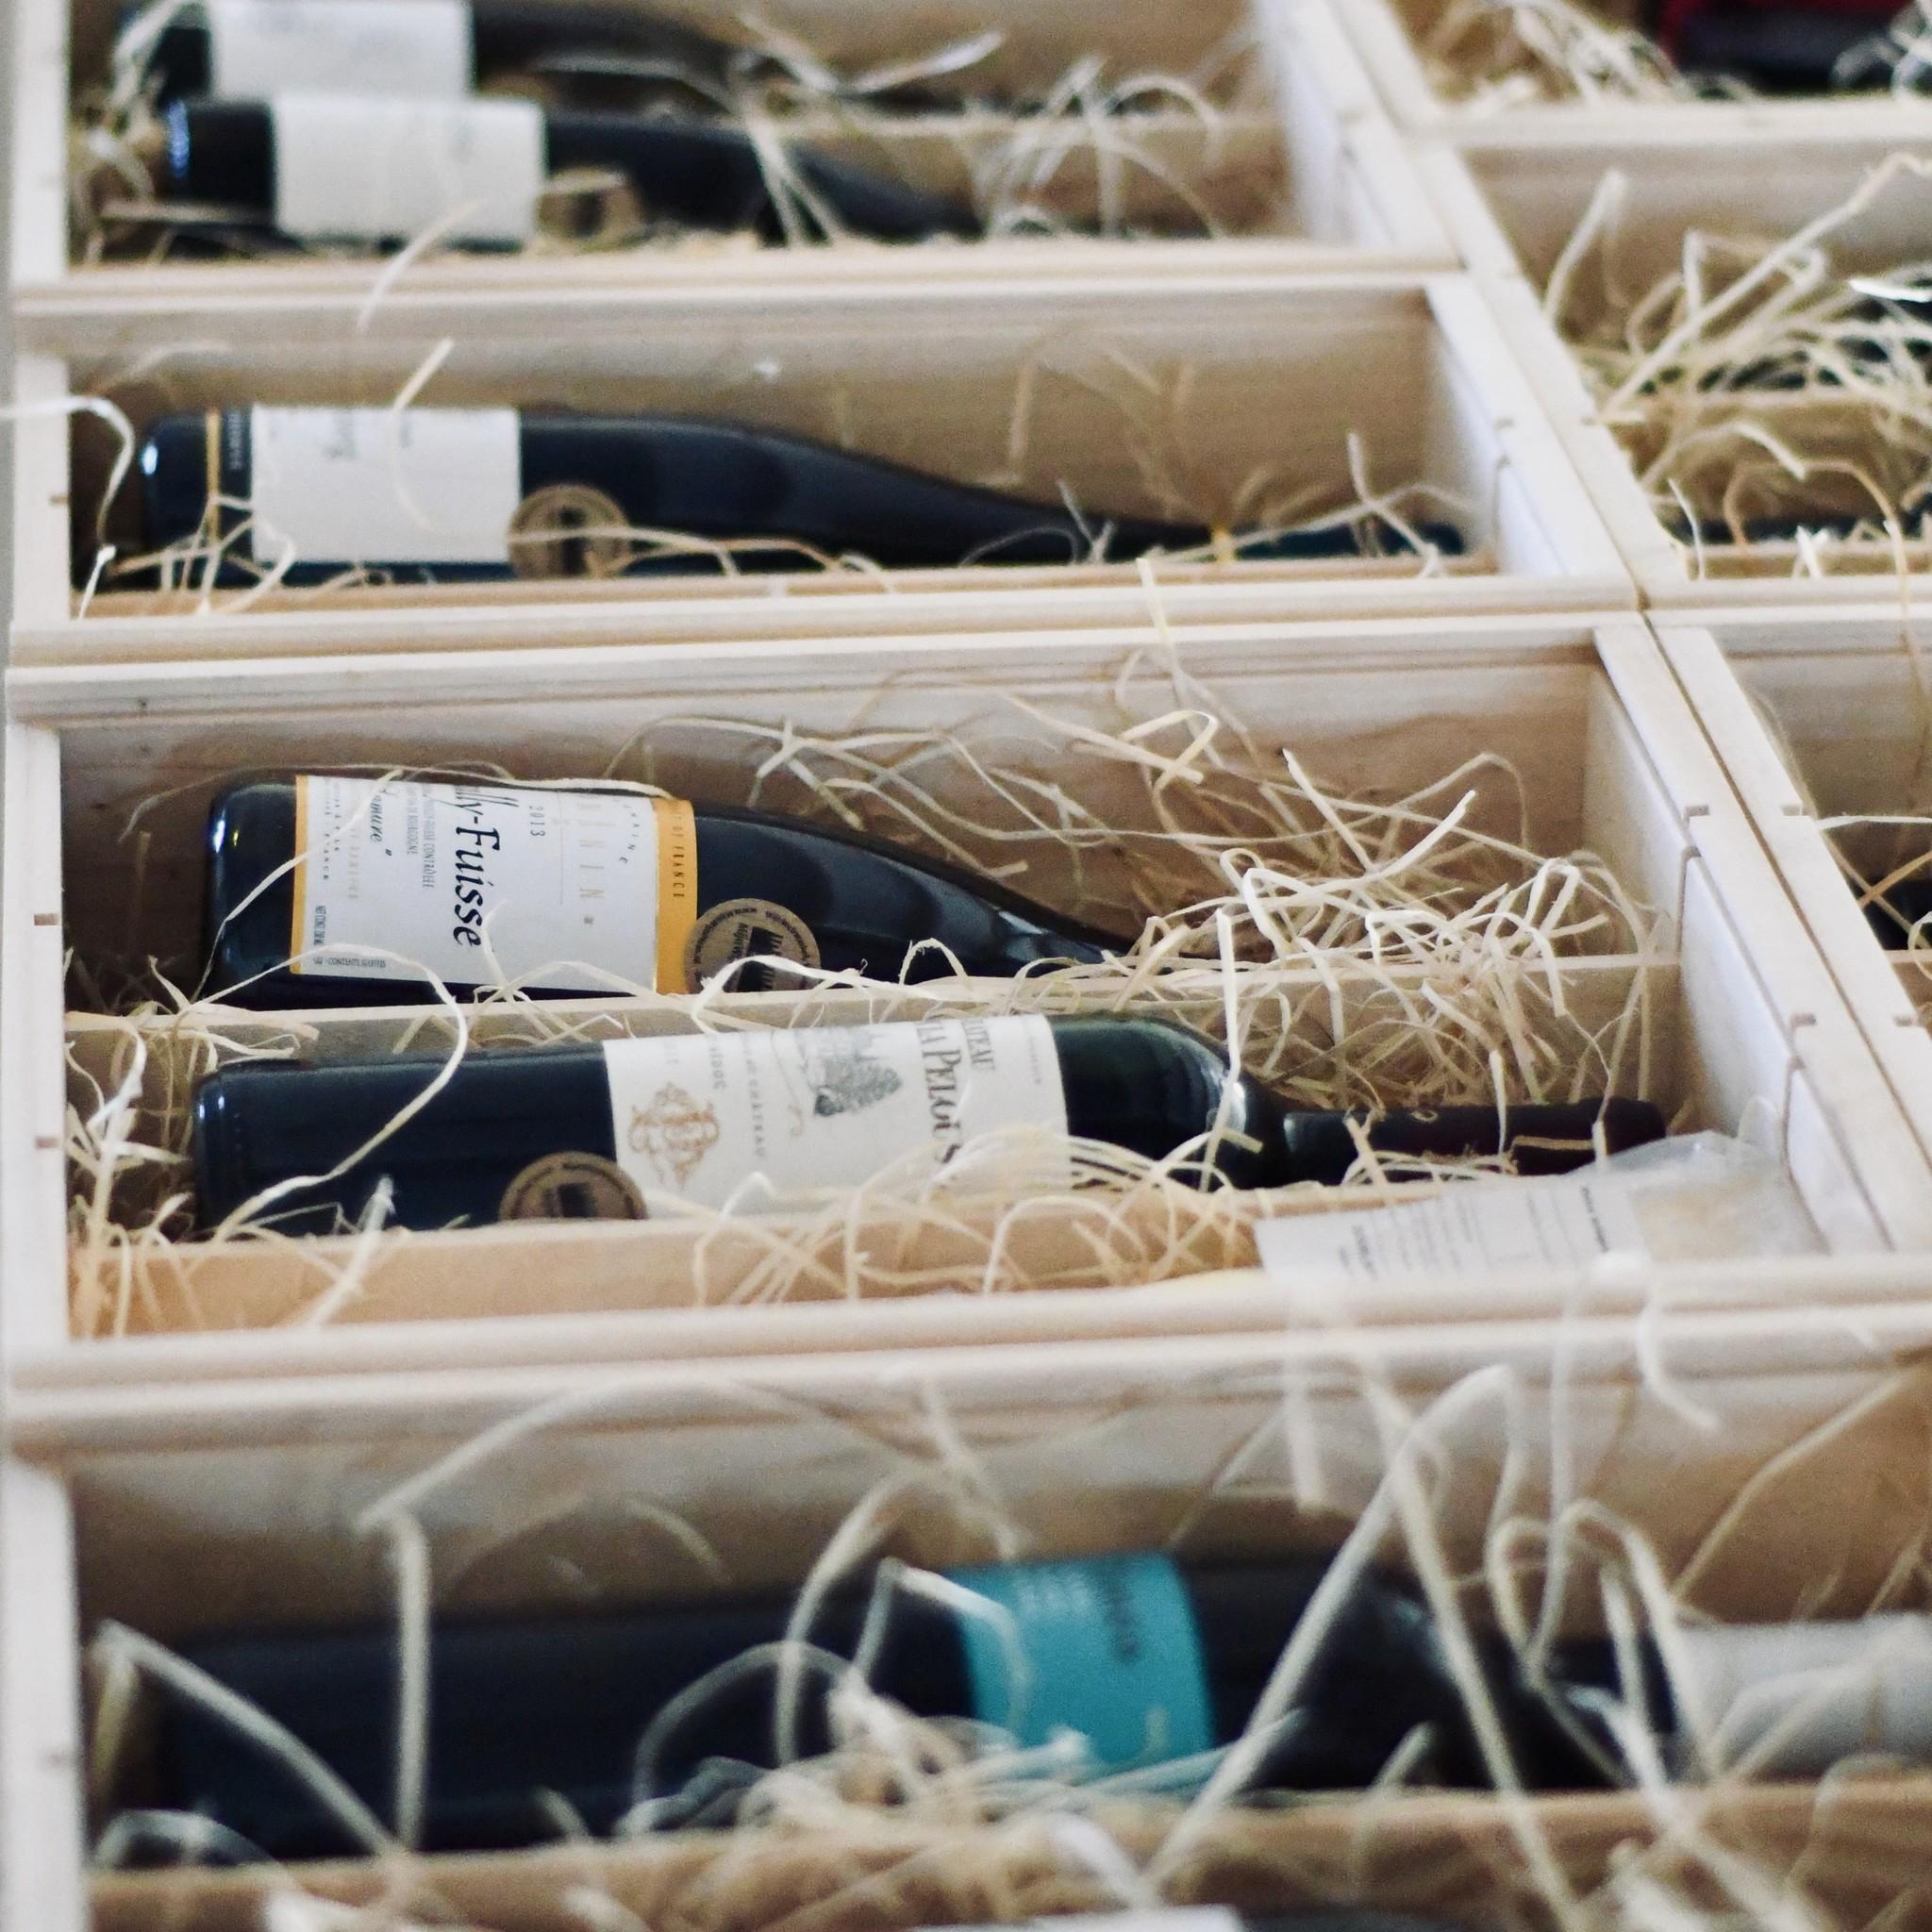 Wijncadeaus waarover wordt nagepraat - Wijn is een cadeau. Mooi om te krijgen, nóg mooier om te geven. Zeker als je wijnen zo uitkiest dat ze perfect passen bij de ontvanger. Of aanvult met lekkernijen afgestemd op zijn of haar wensen en smaak - of karakter zelfs. Kortom, maximaal maatwerk. Dat kan.